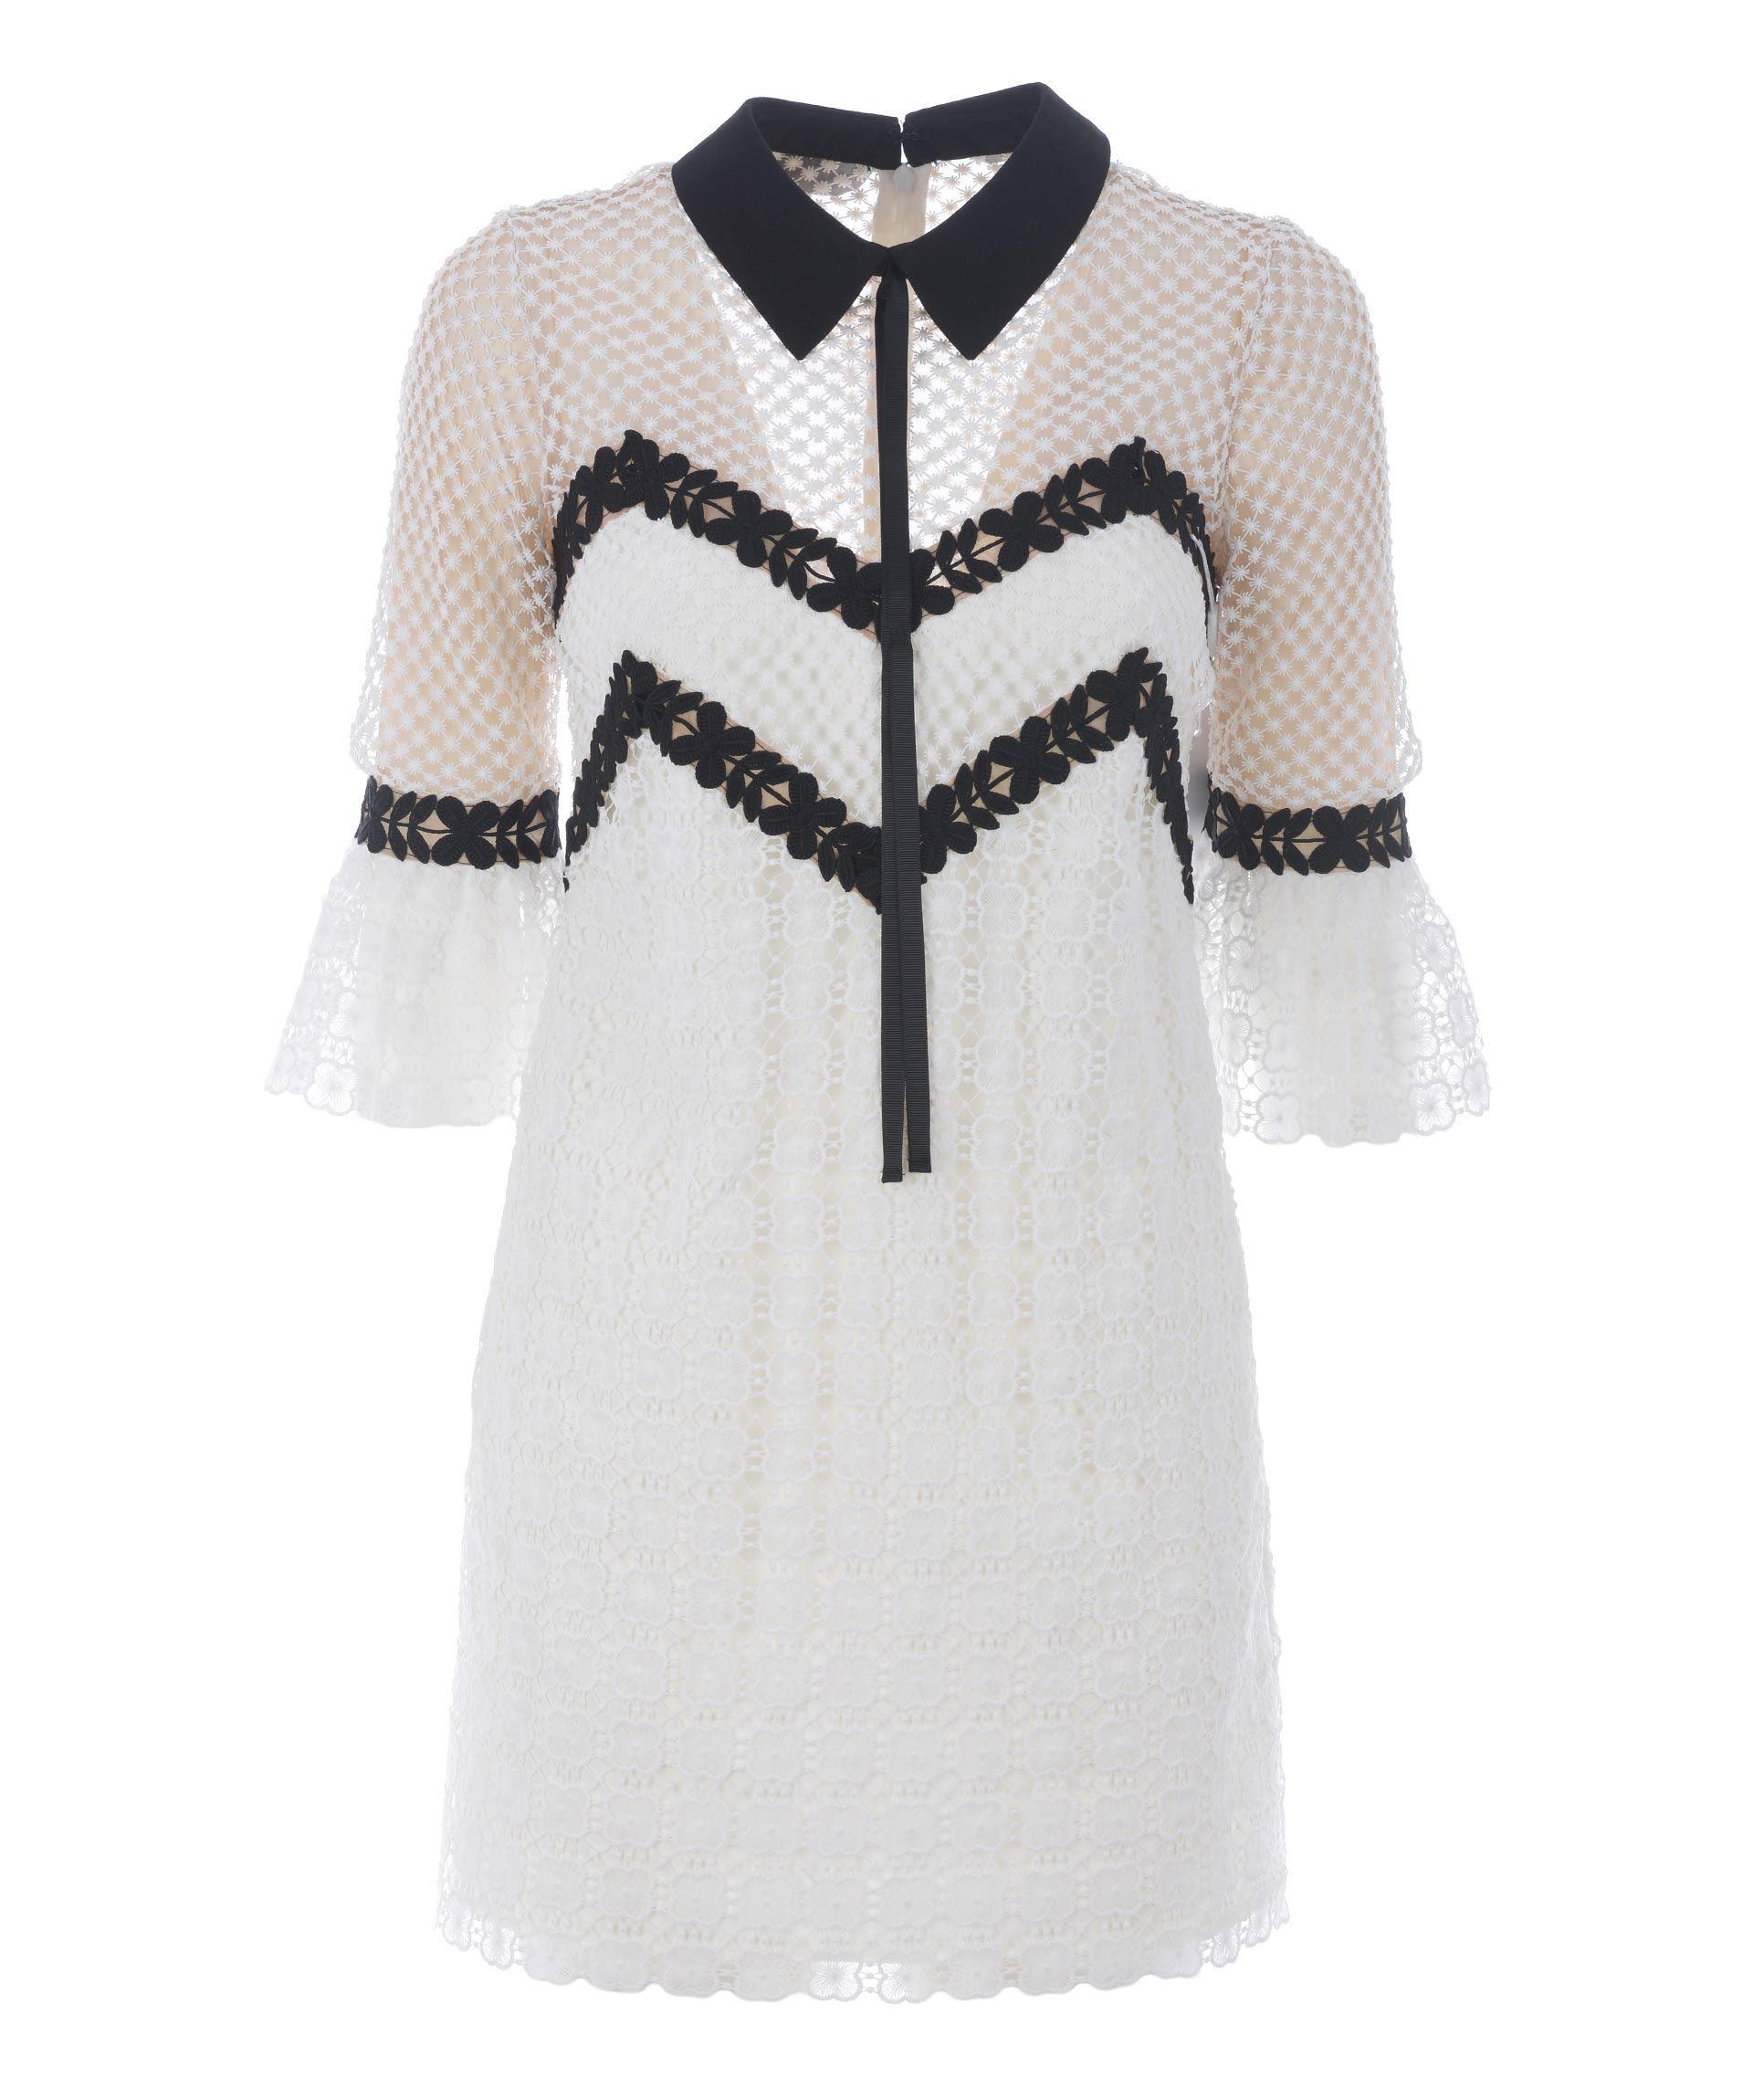 Self-portrait Petal Dress In Bianco/nero